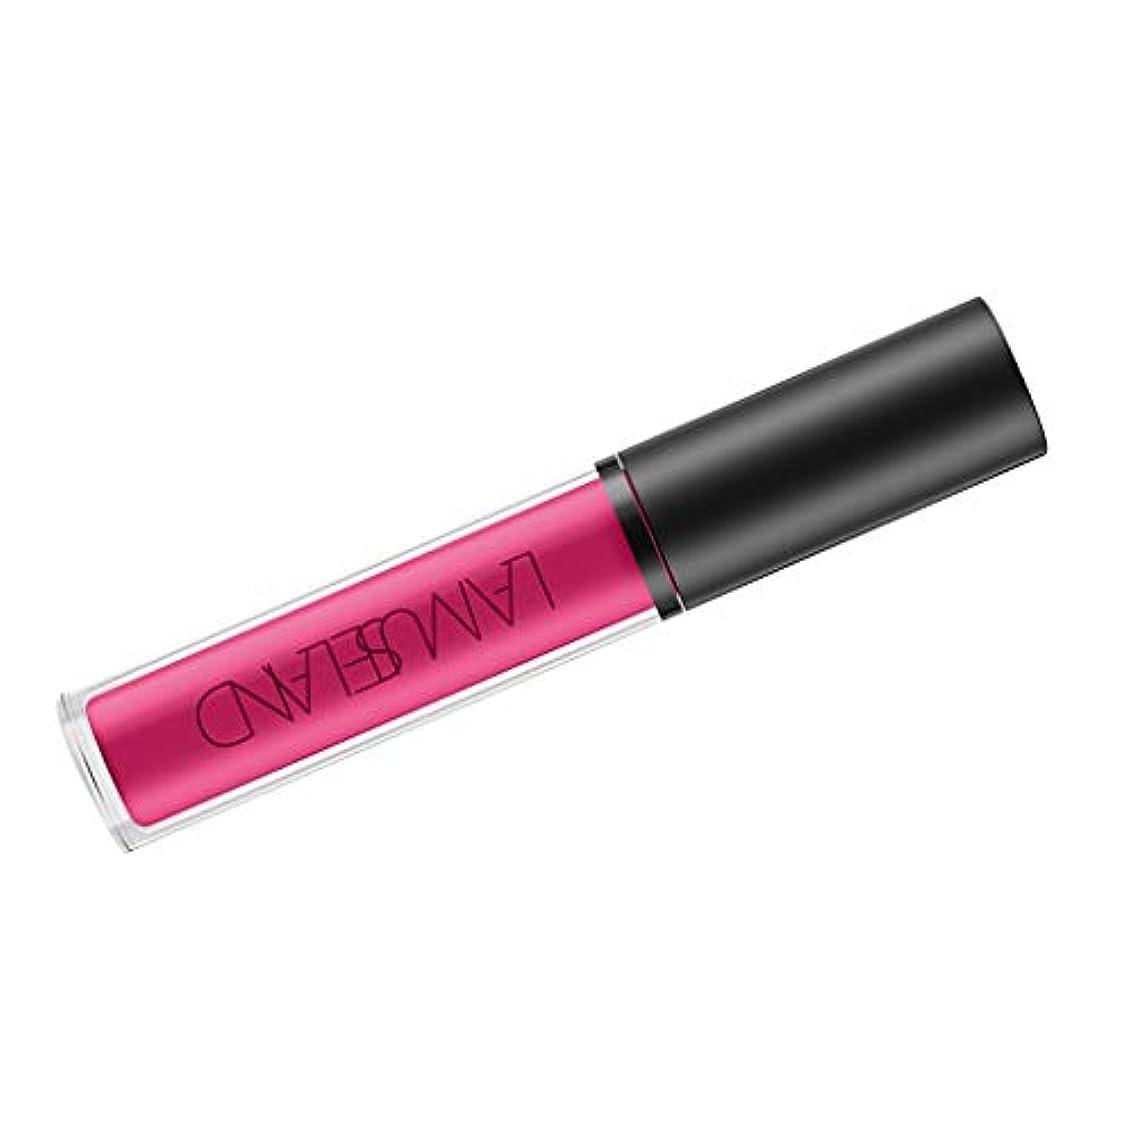 真面目な文法リップグロス リップスティック 口紅 長持ち落ちにくい 防水 液体口紅 全7カラー - LA01-06